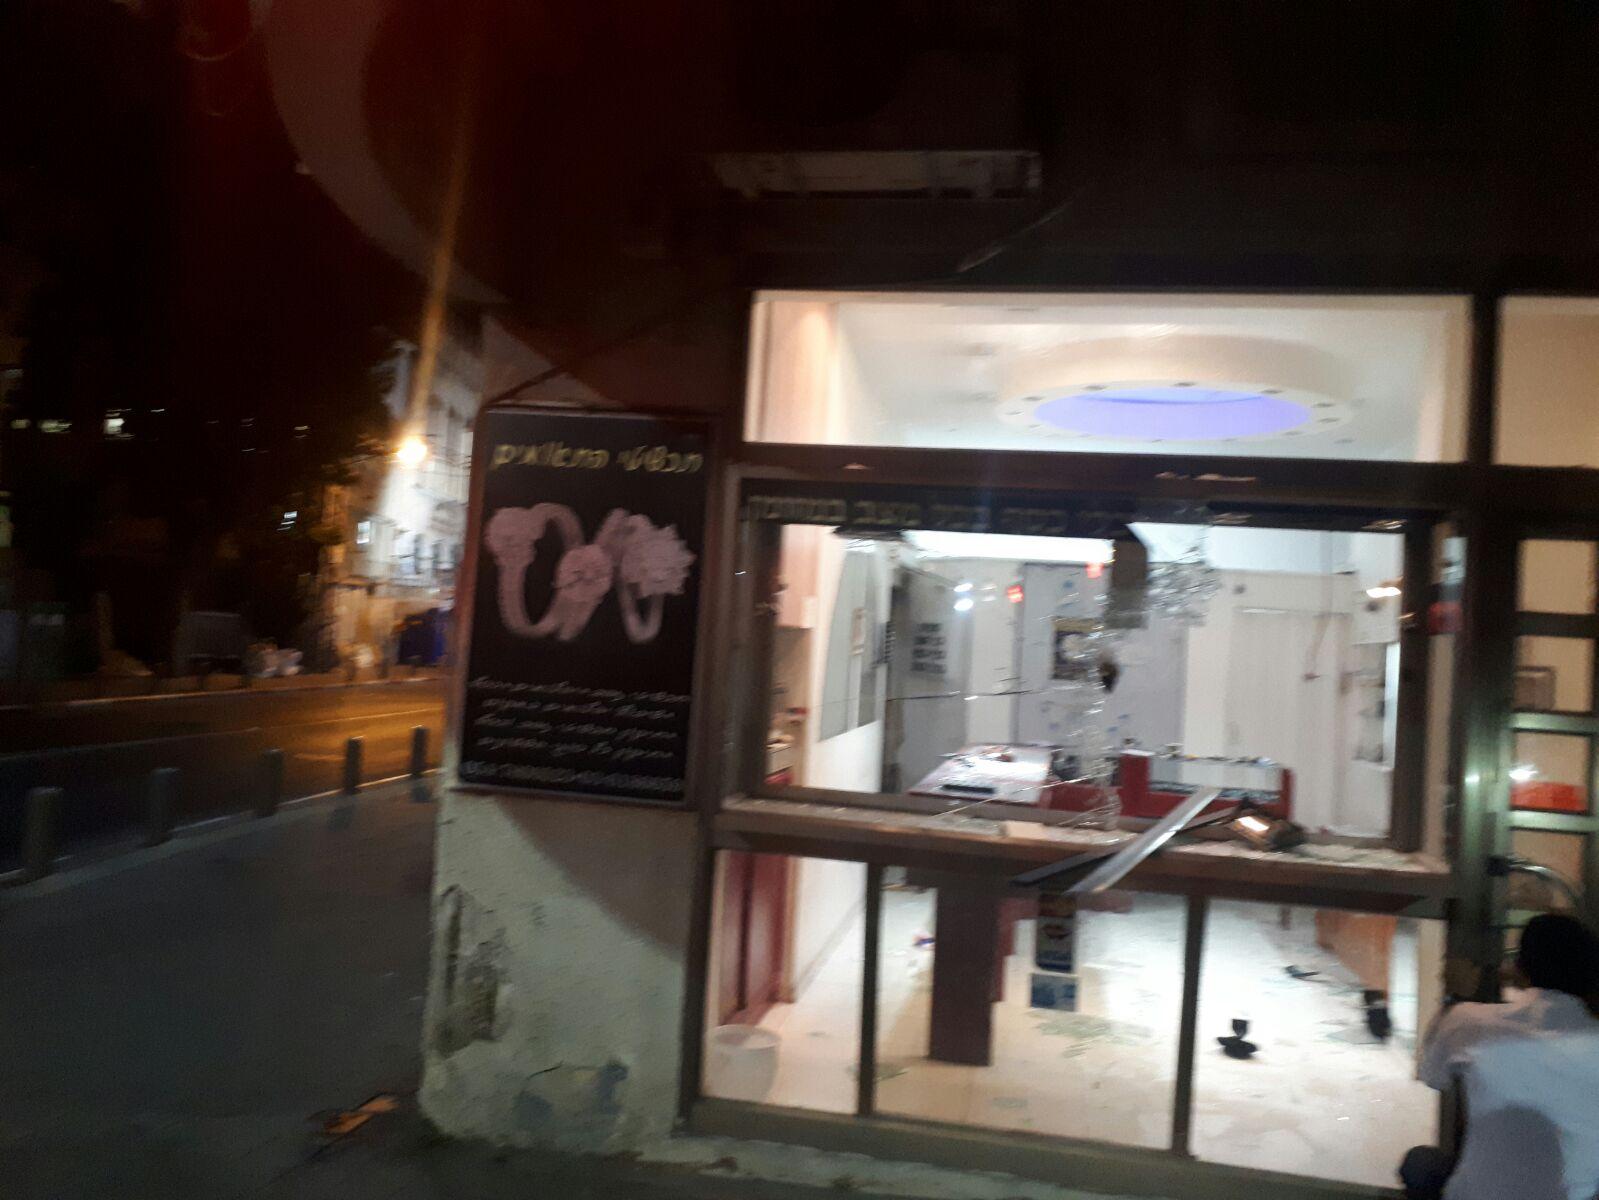 צפו בתיעוד: בתוך 2 דקות הפורצים רוקנו את חנות התכשיטים בבני ברק